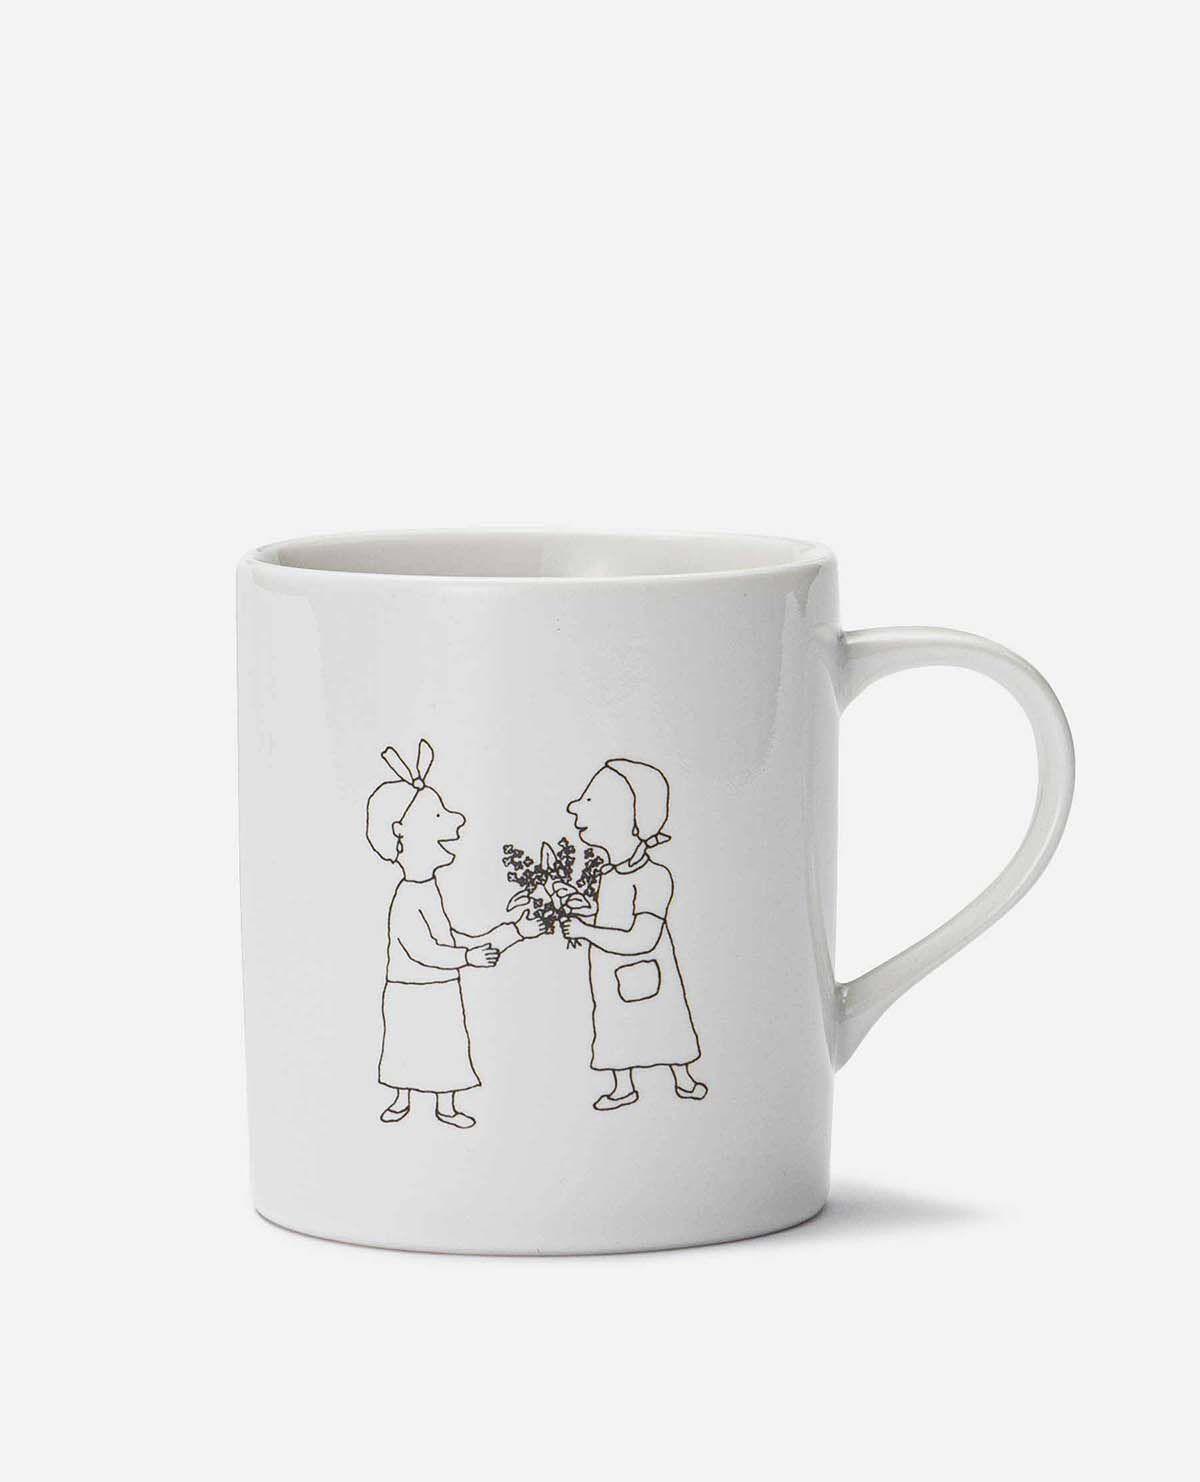 マグカップ おとなりさん